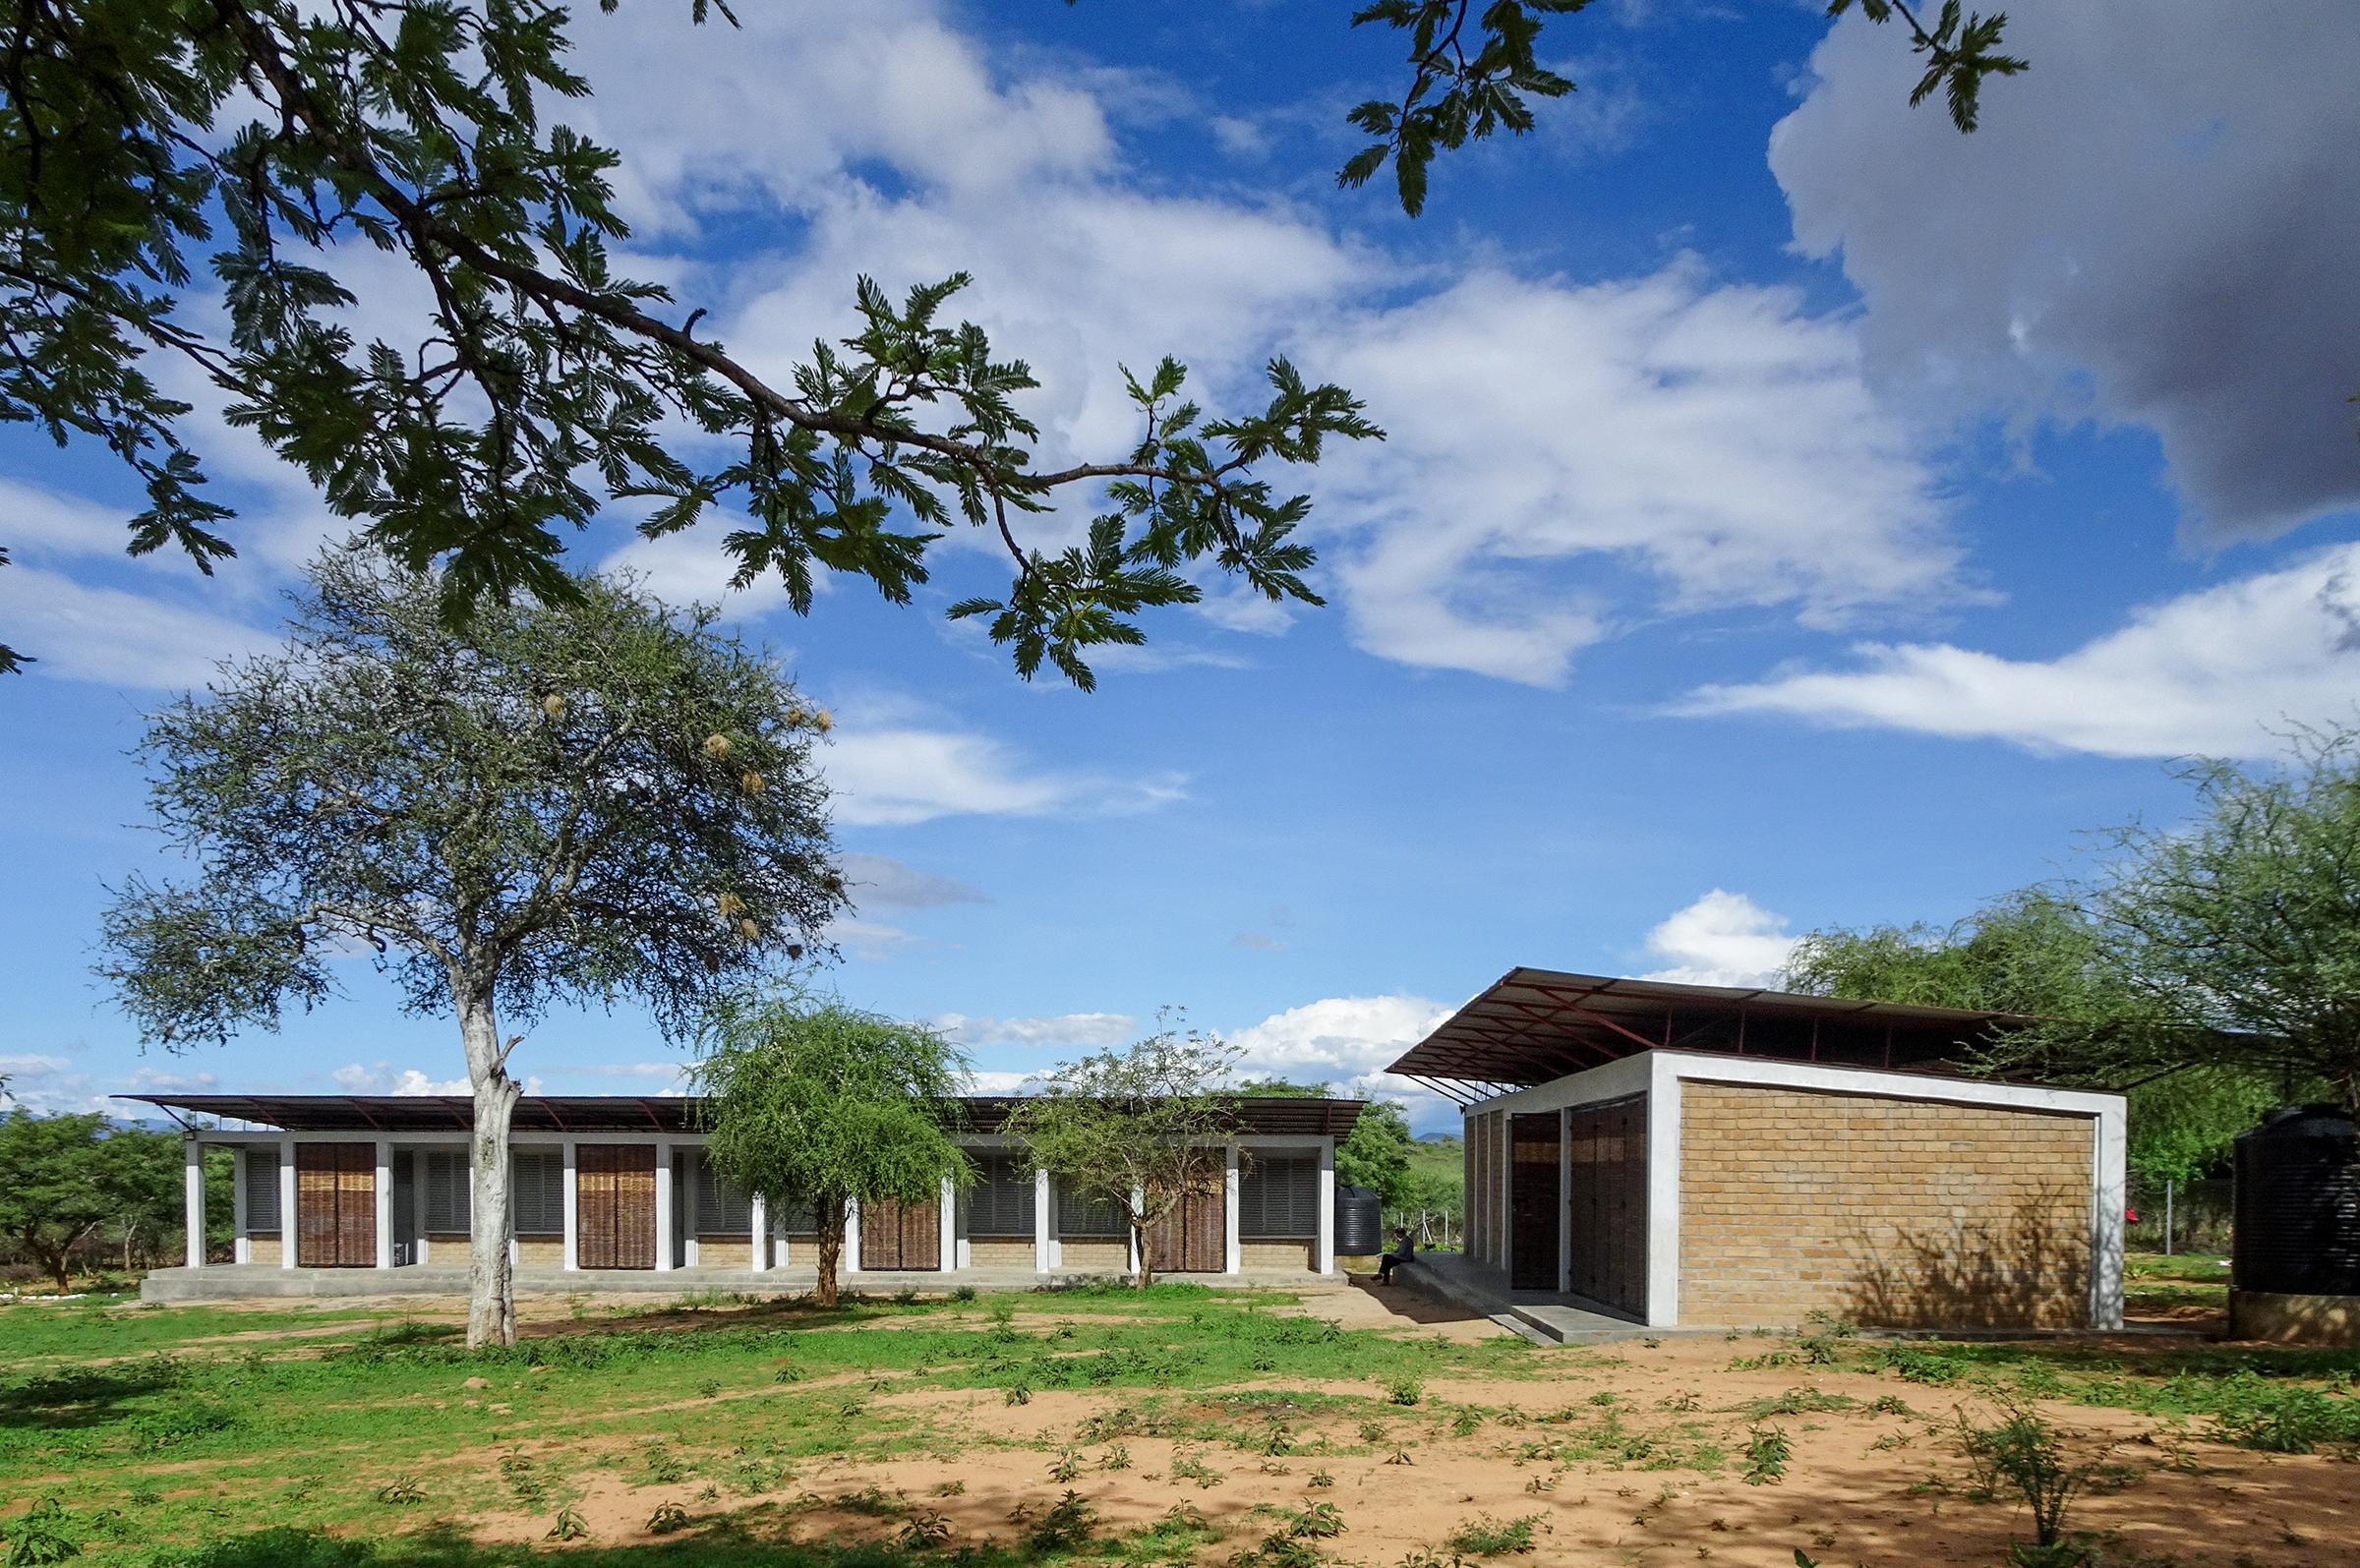 Field Notes from West Pokot, Kenya